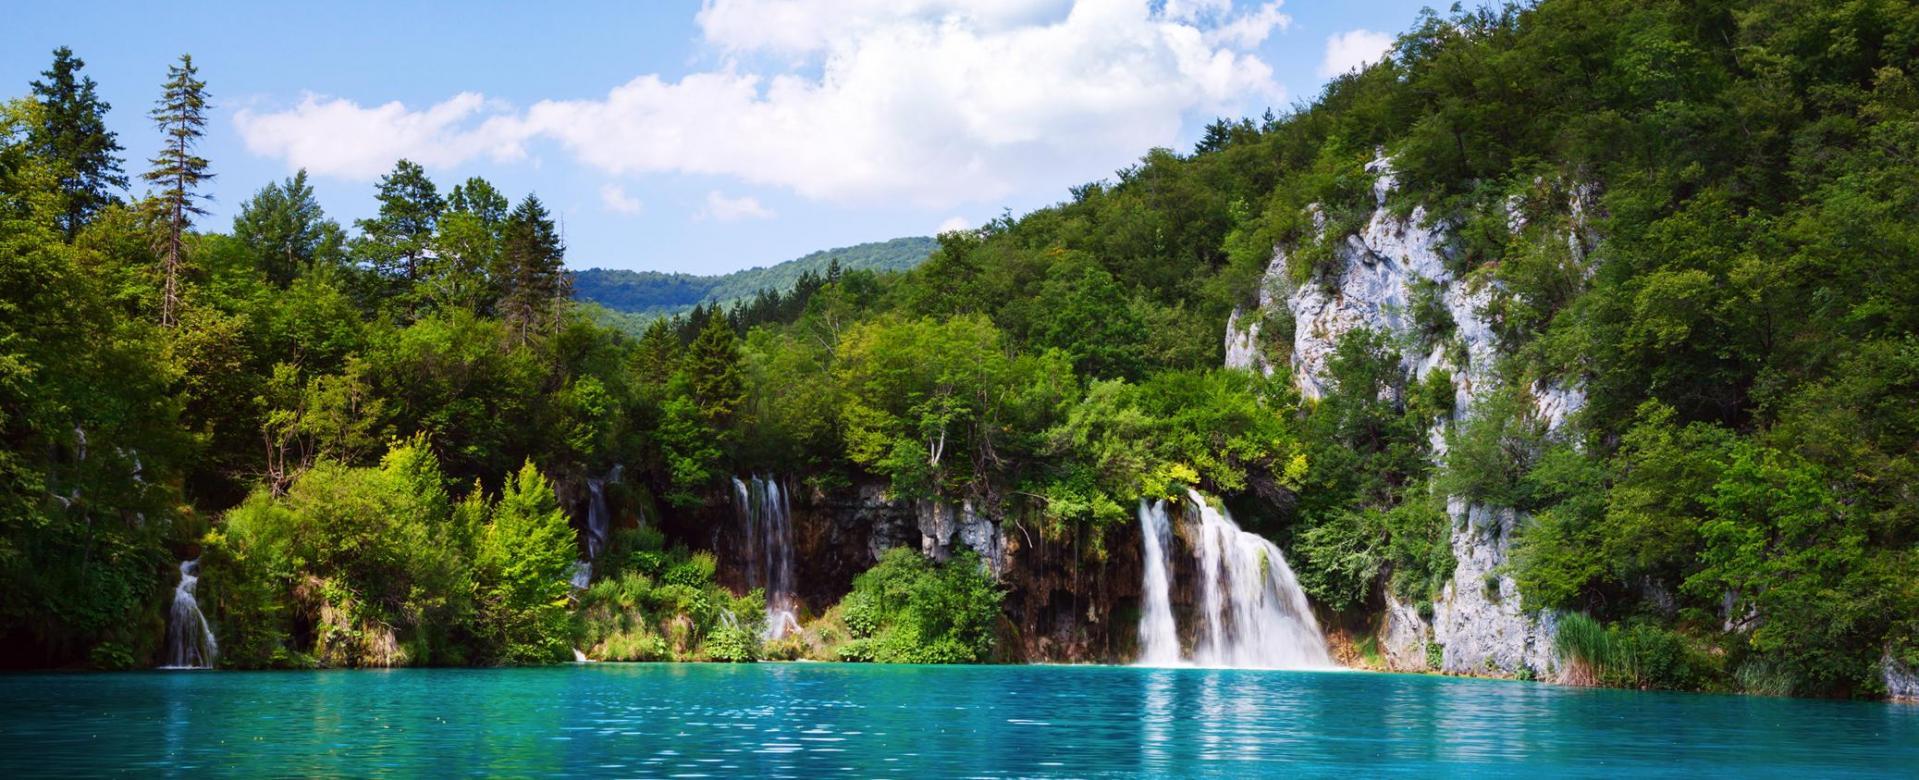 Voyage à pied : Croatie : Parcs nationaux de dalmatie